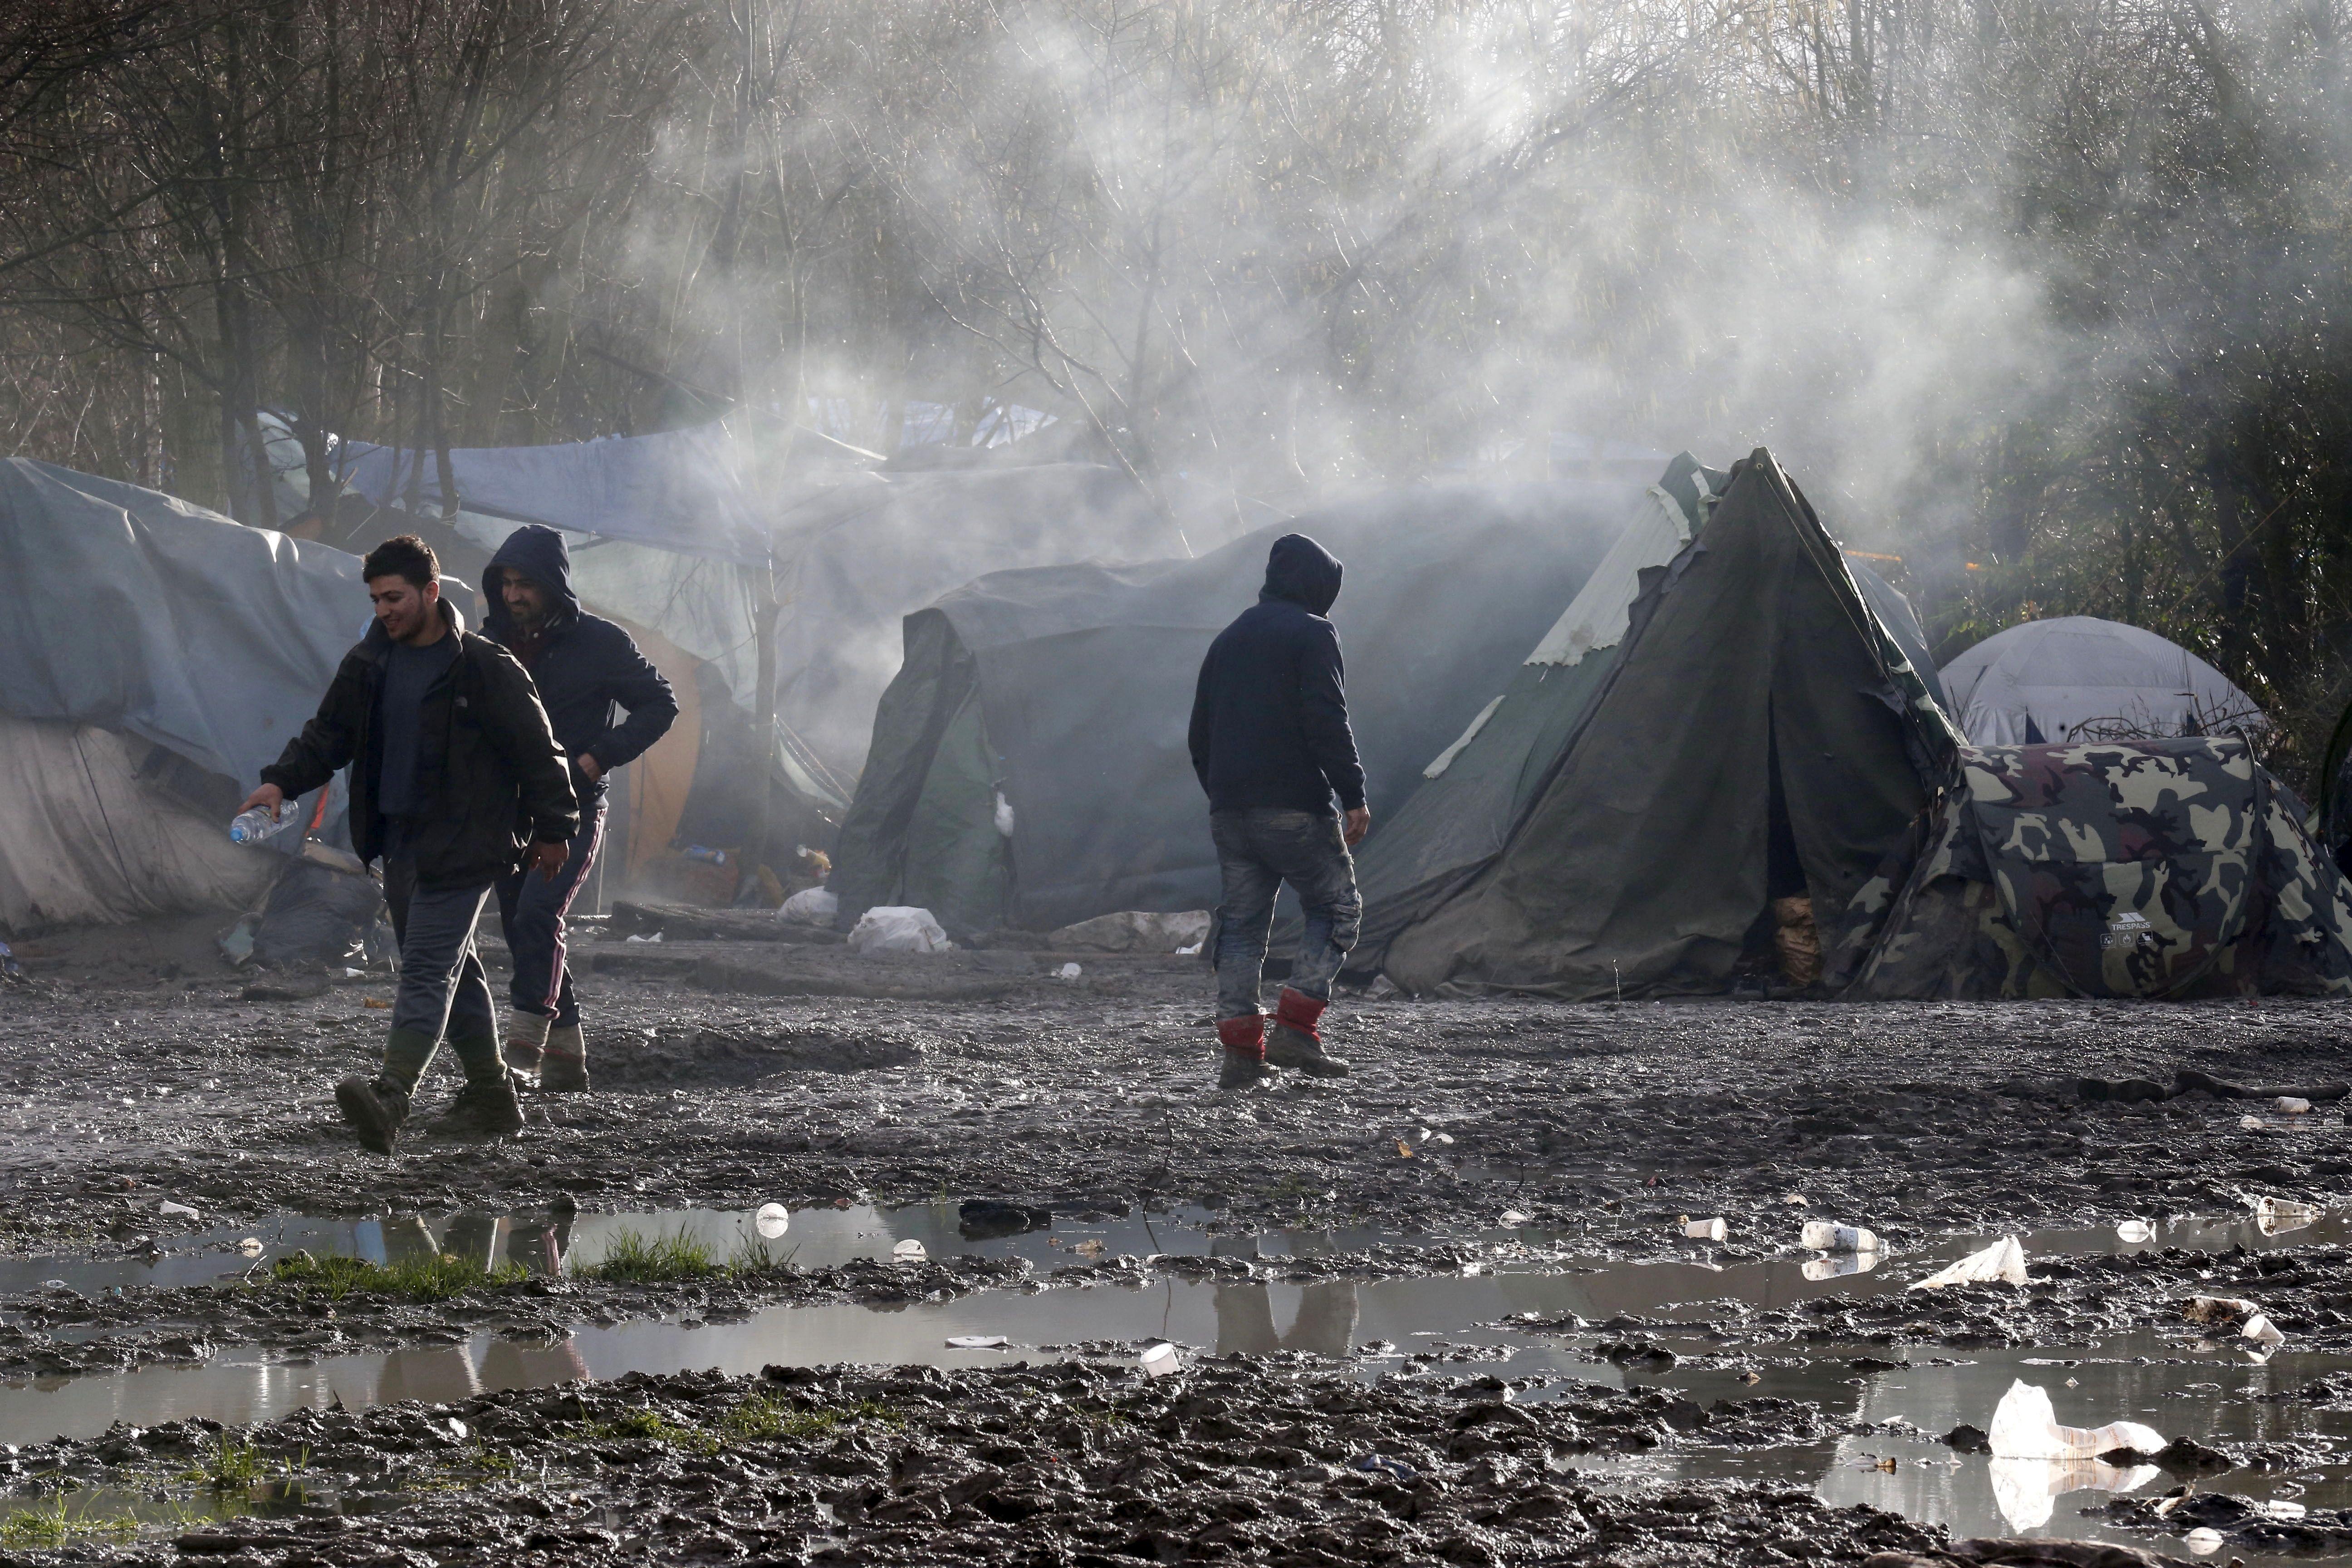 Deux migrants blessés par balles après une altercation au camp de Grande-Synthe